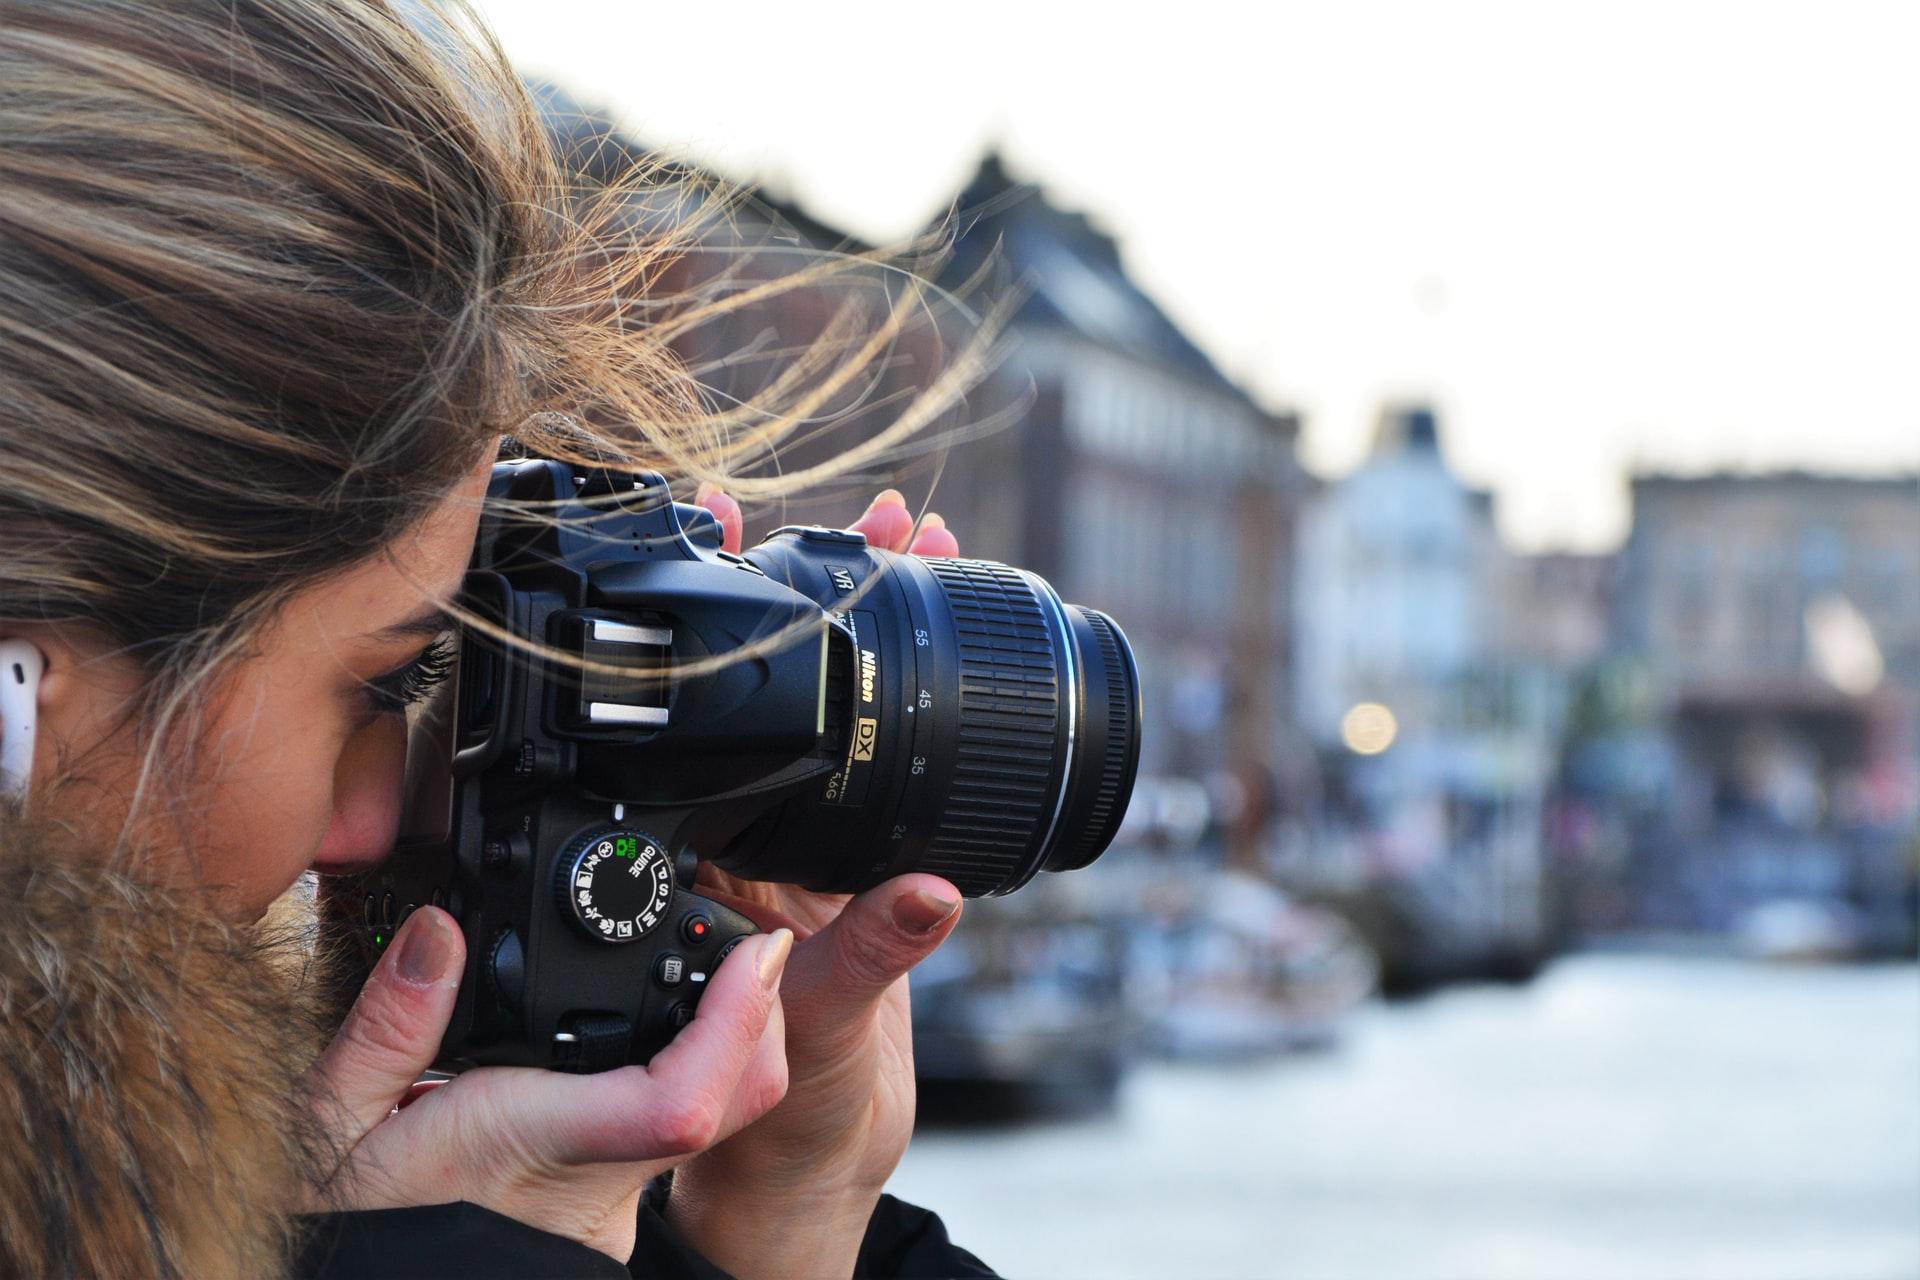 chica tomando fotografia